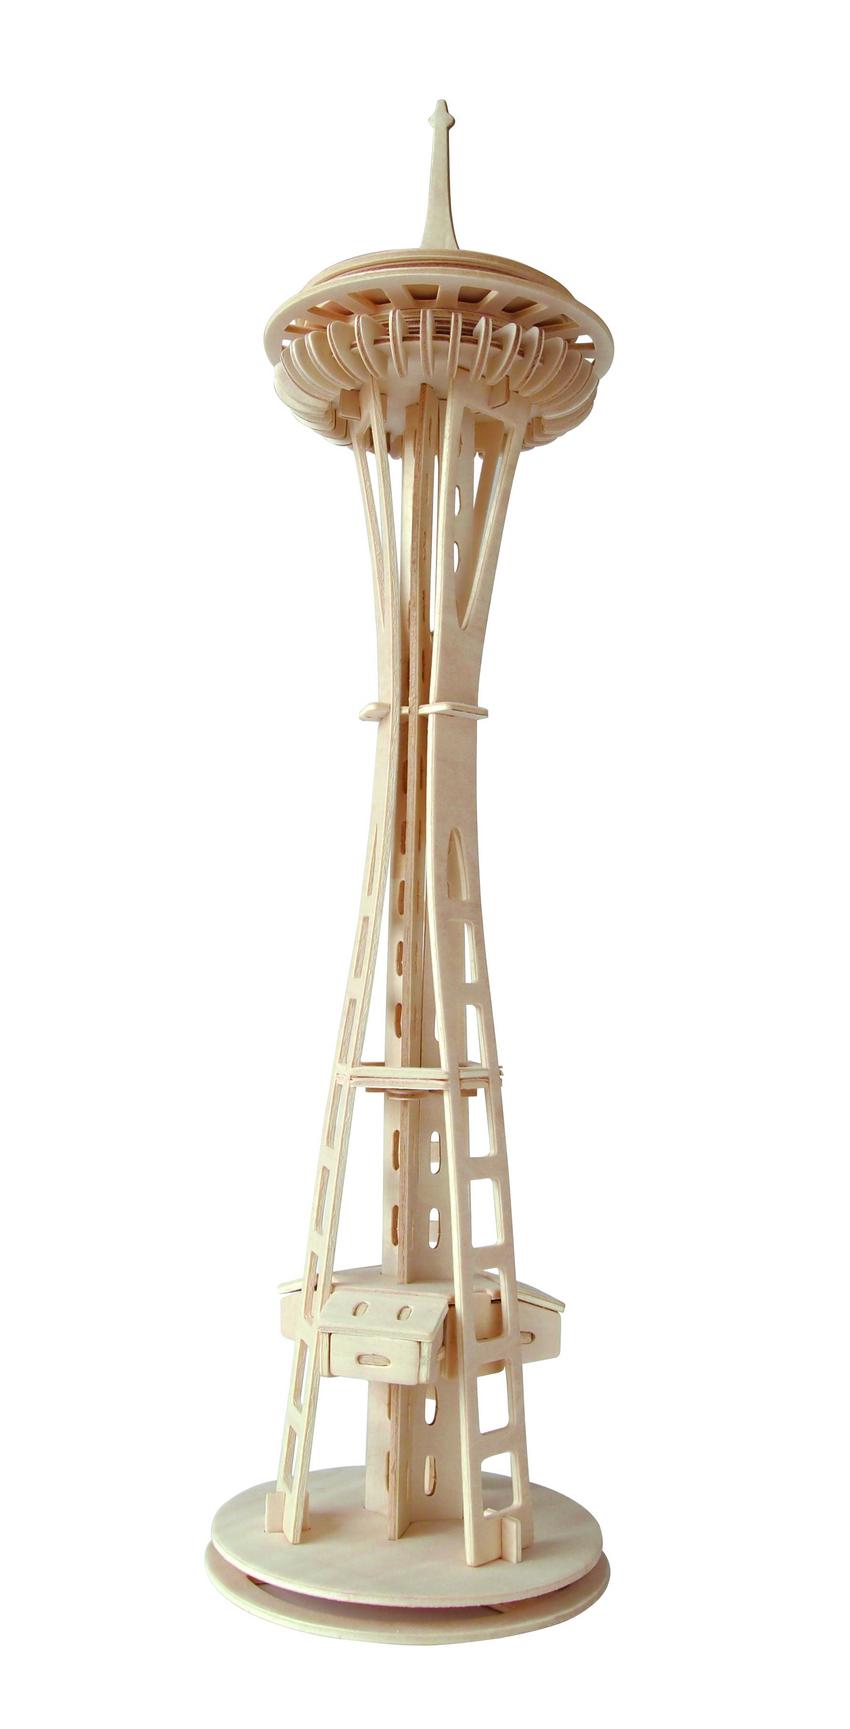 Модель деревянная сборная - Башня Спейс-НидлПазлы объёмные 3D<br>Модель деревянная сборная - Башня Спейс-Нидл<br>